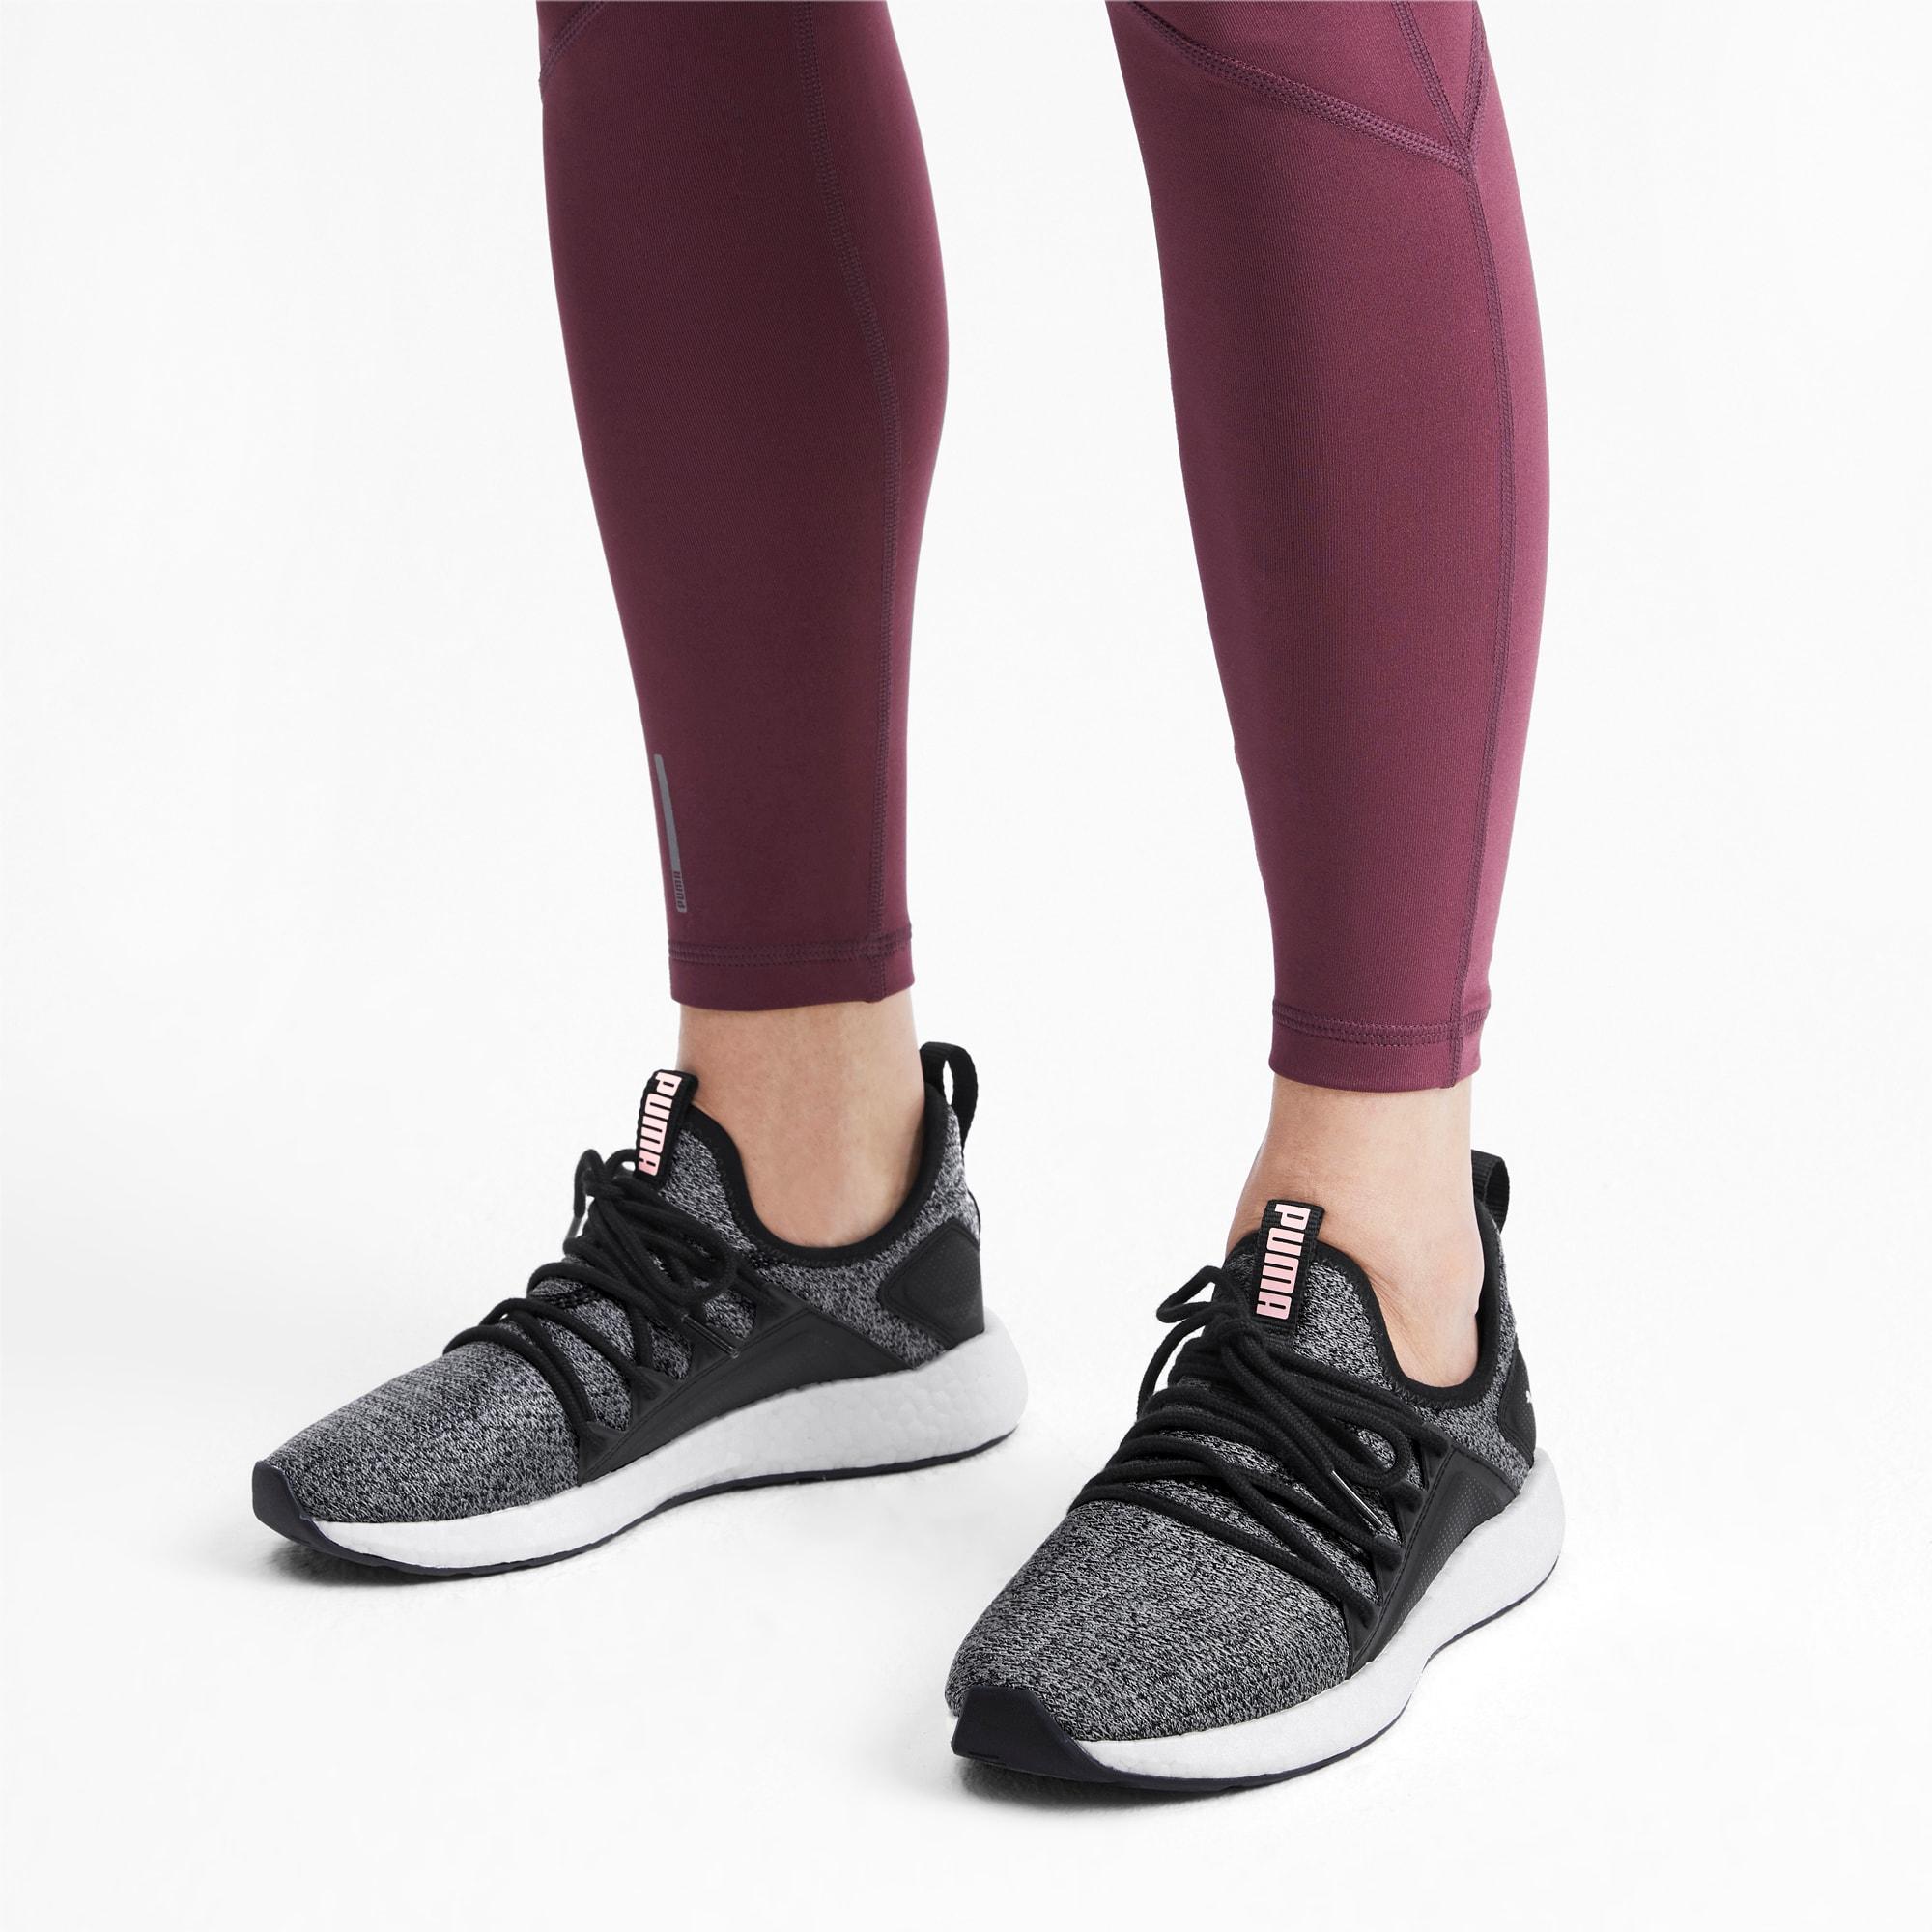 Damskie buty do biegania NRGY Neko Knit